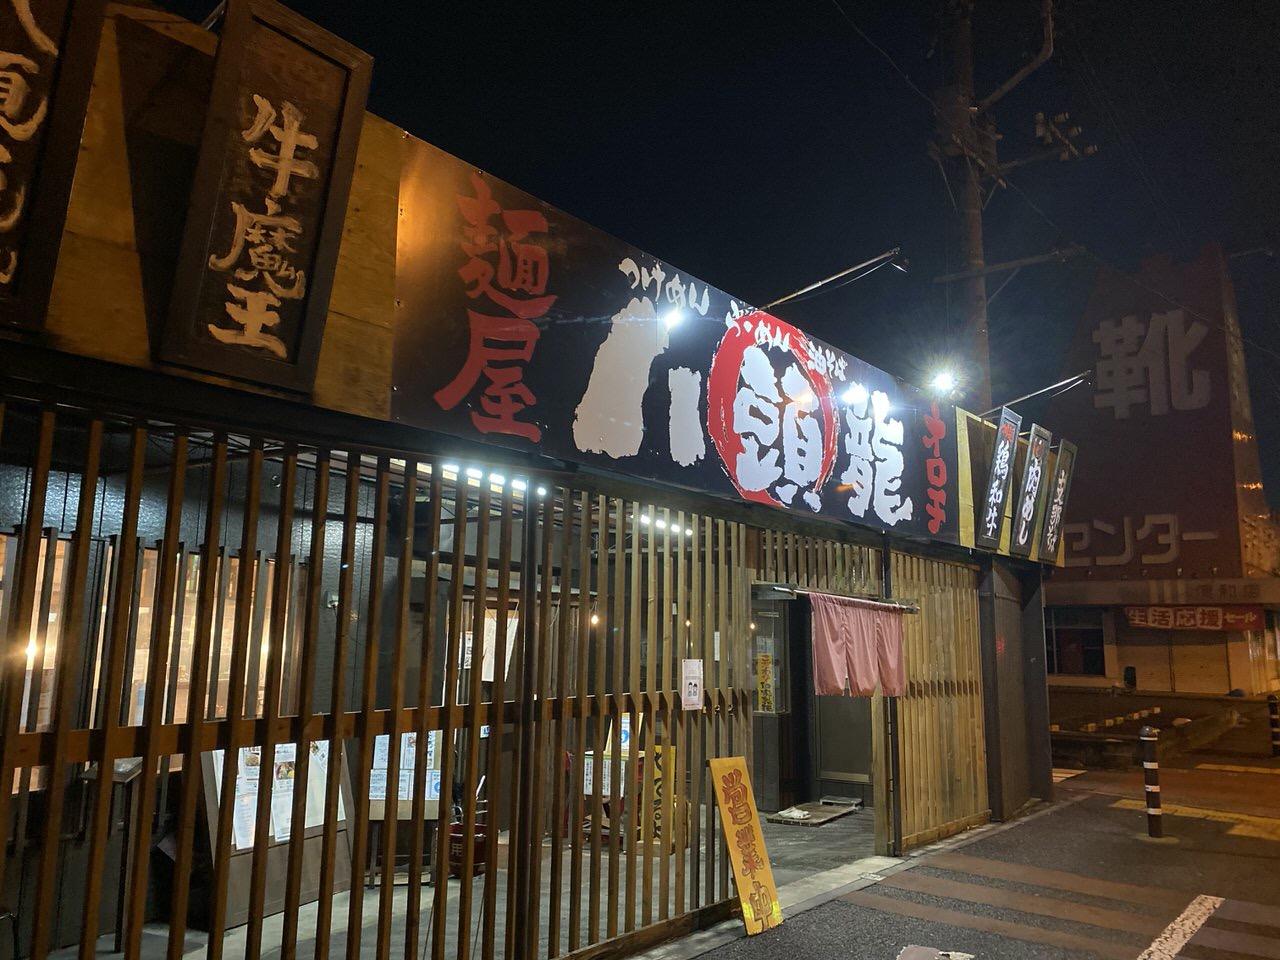 「麺屋 八頭龍(おろち)」八頭龍ラーメン 2